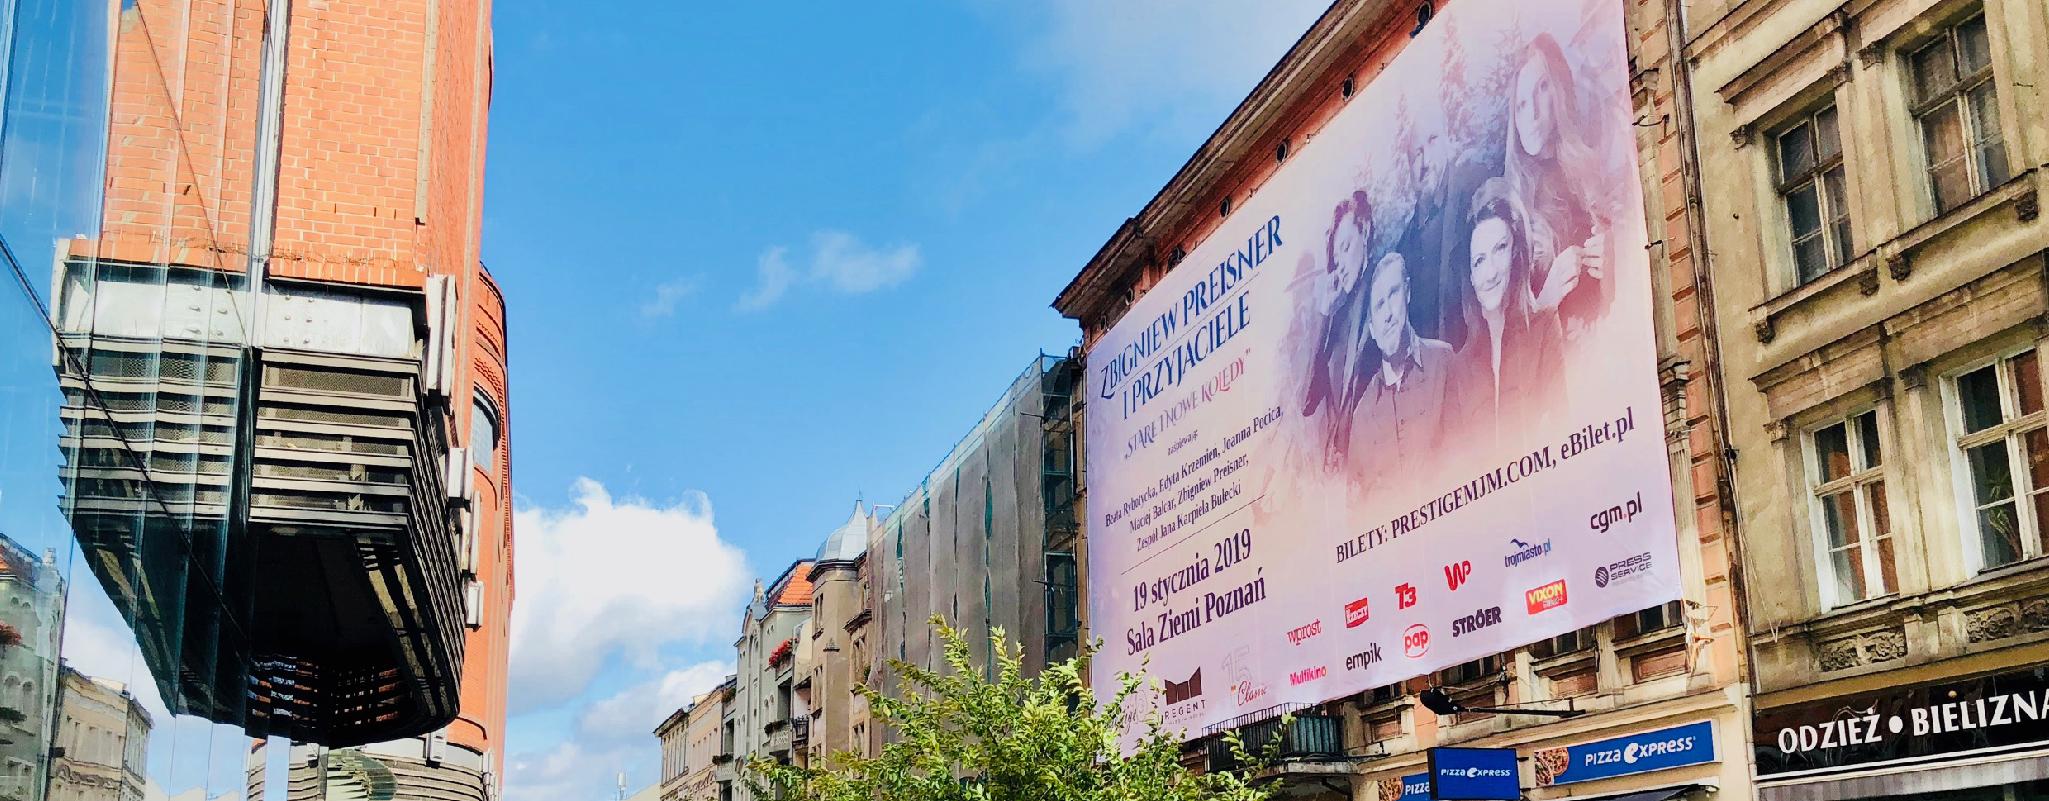 Prestiżowa reklama na ul Półwiejskiej w Poznaniu